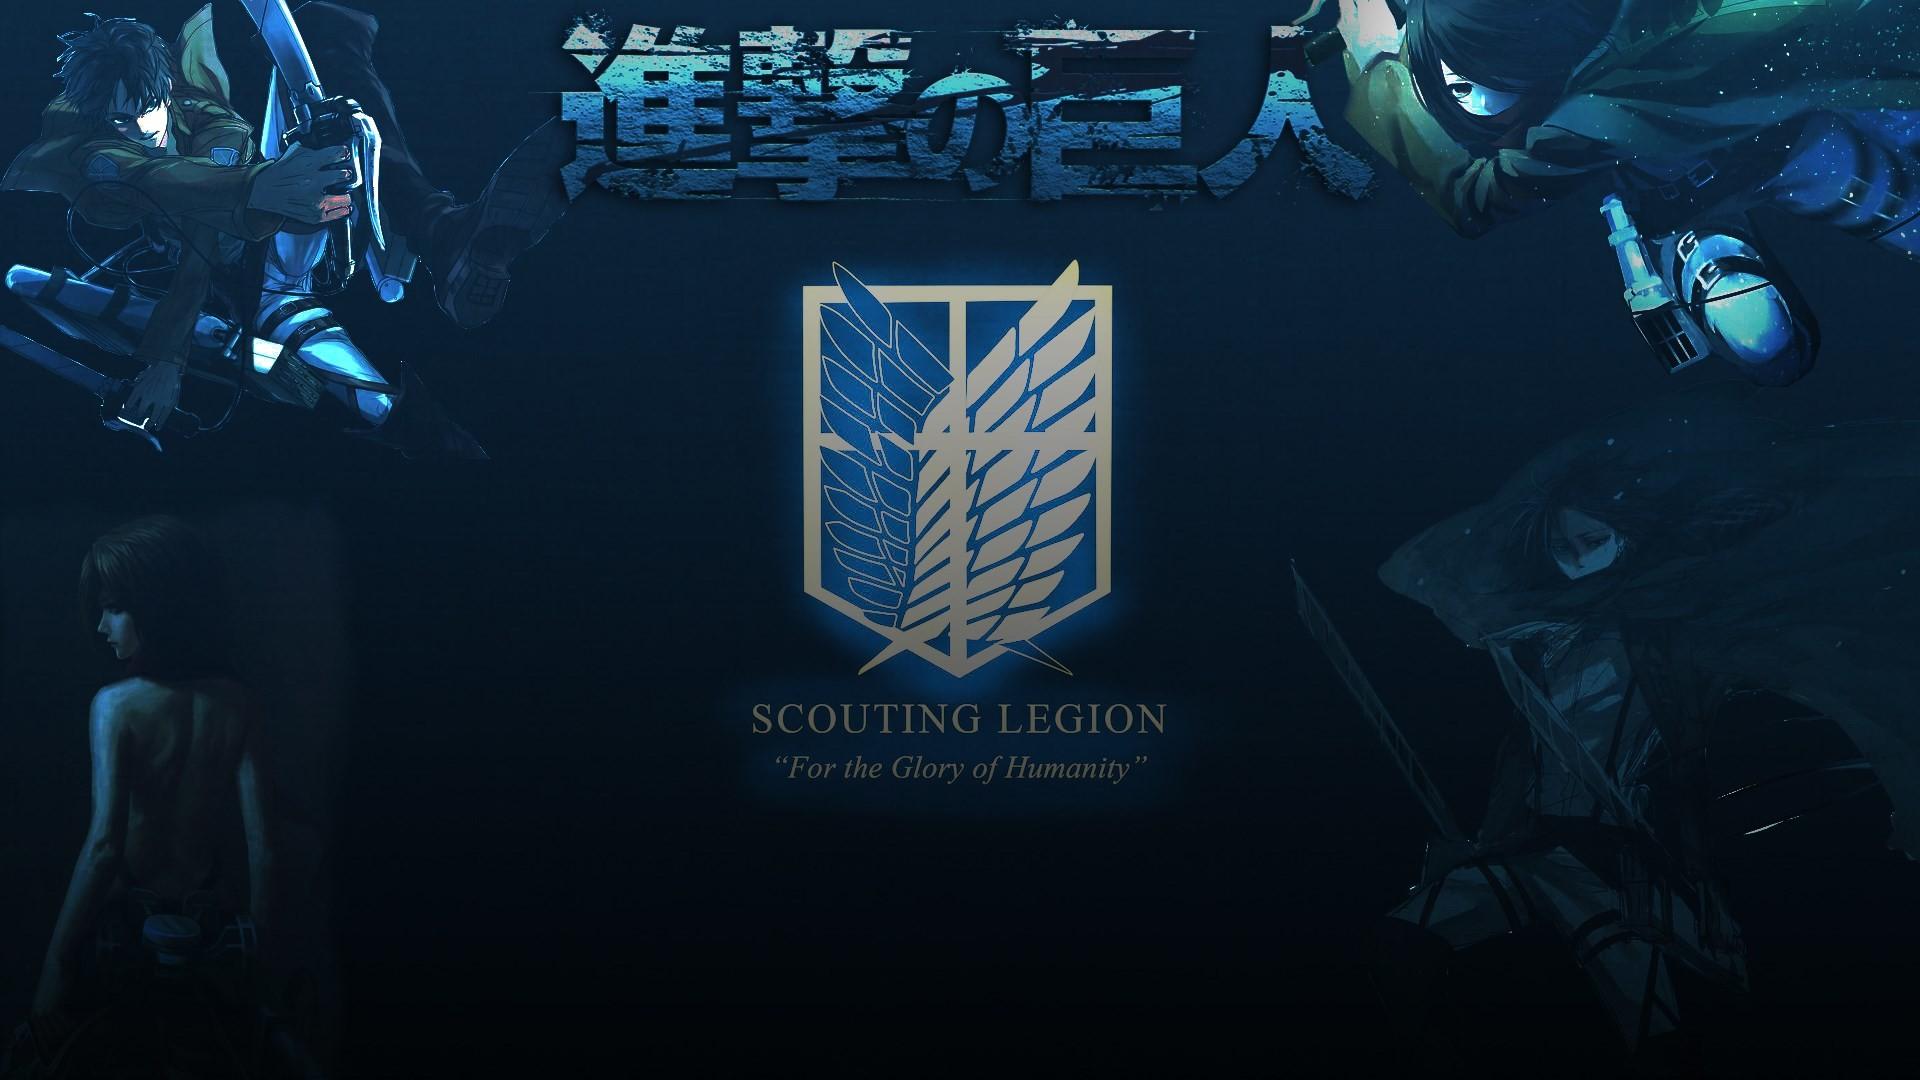 Popular Legion Wallpaper - 244732  Snapshot_532265.jpg